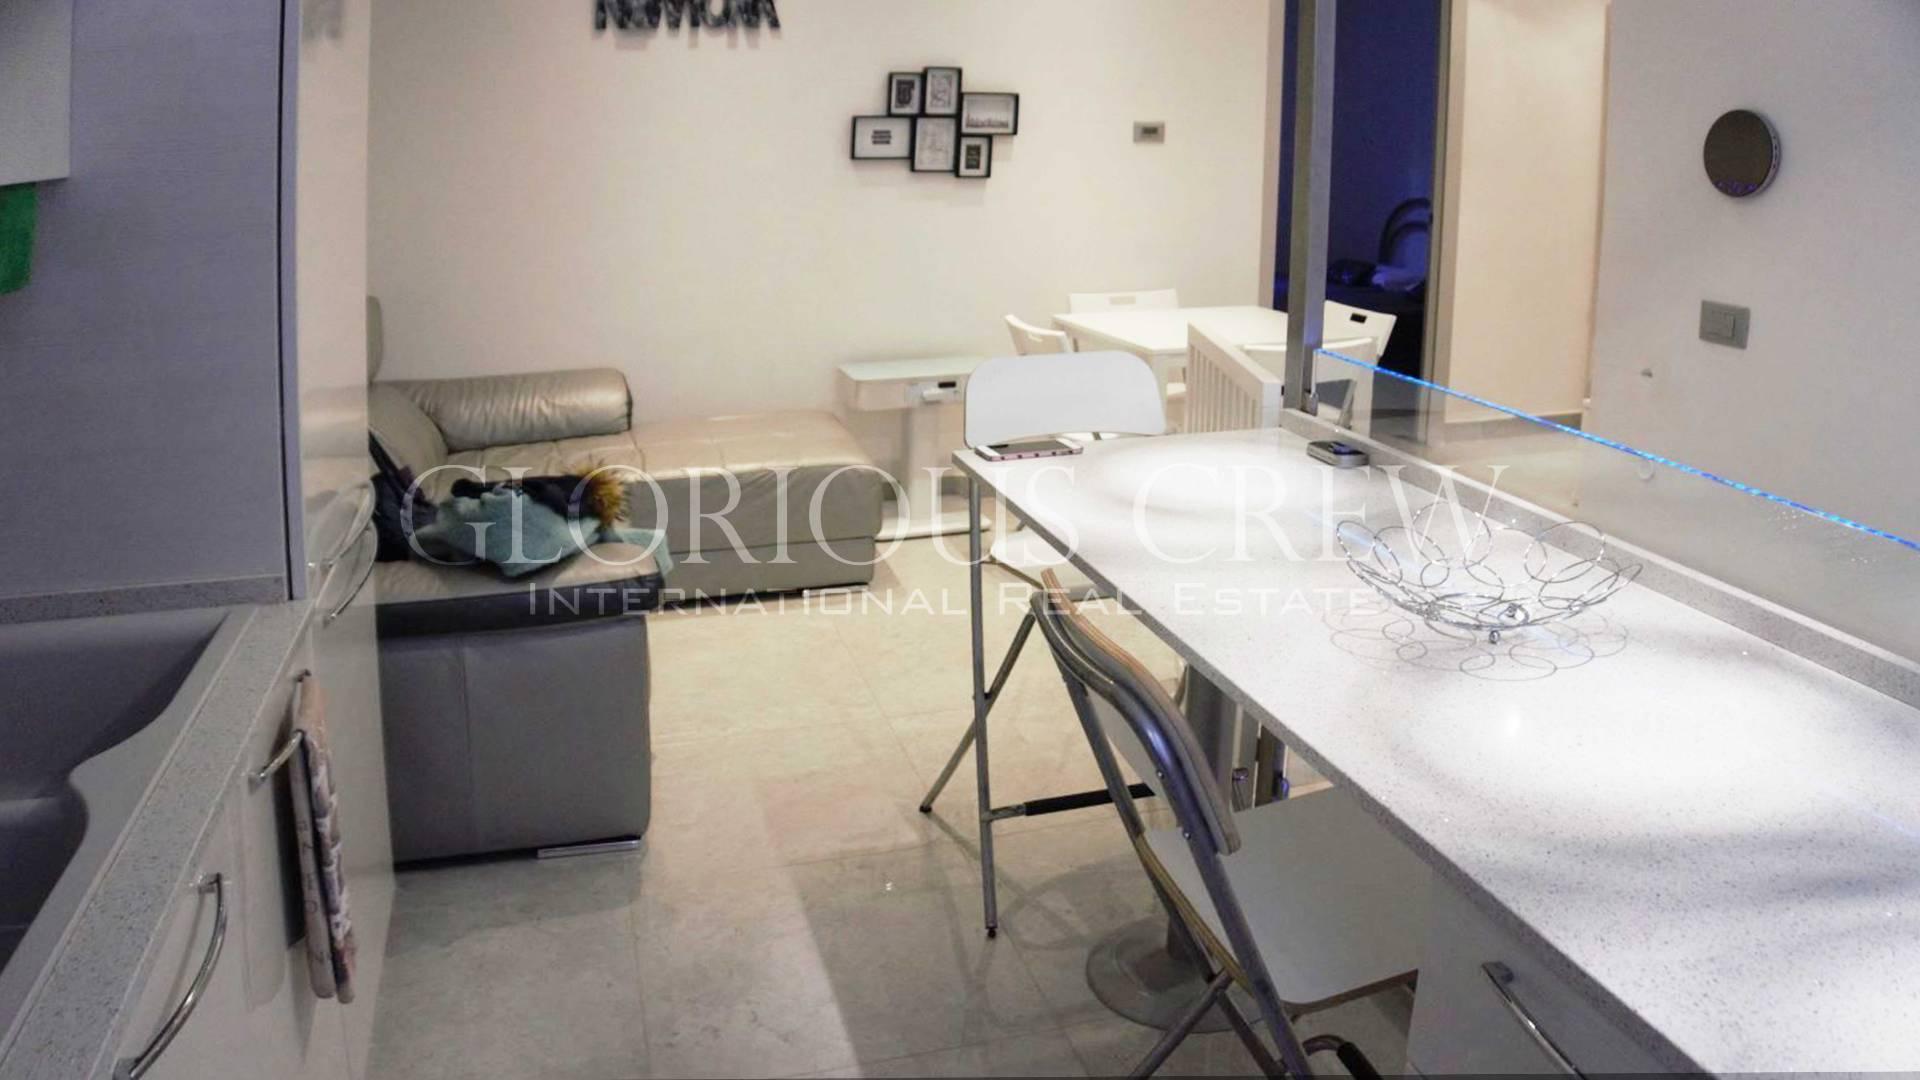 Appartamento in Vendita a Venezia: 3 locali, 75 mq